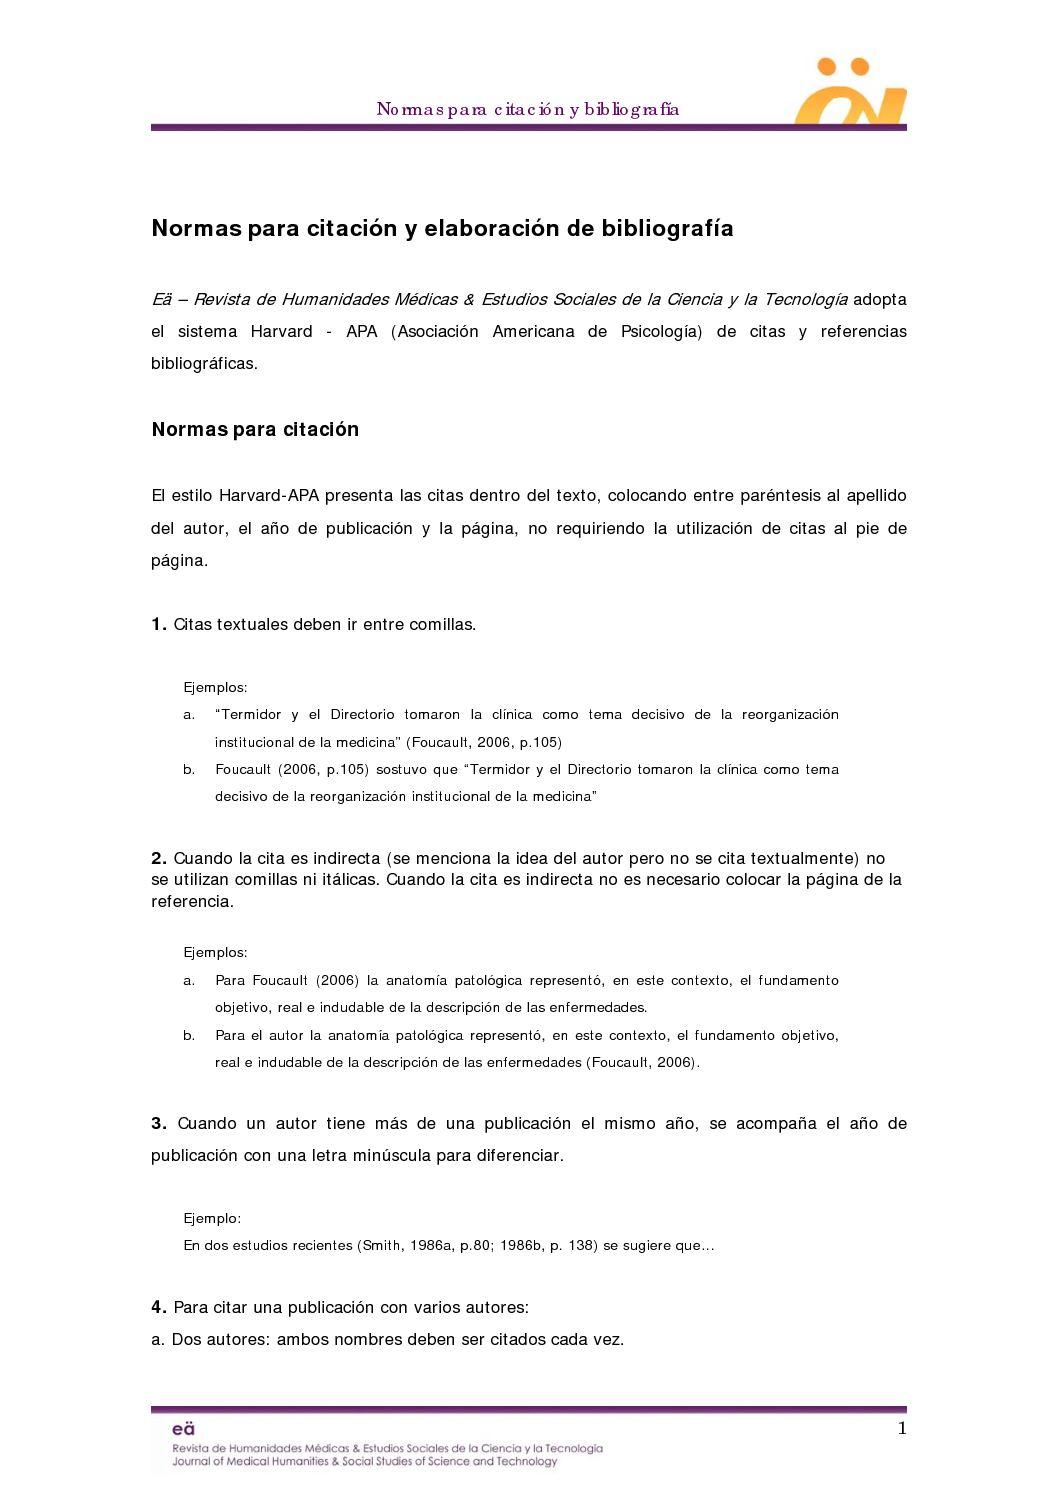 Calaméo - Normas para citación y elaboración de bibliografía